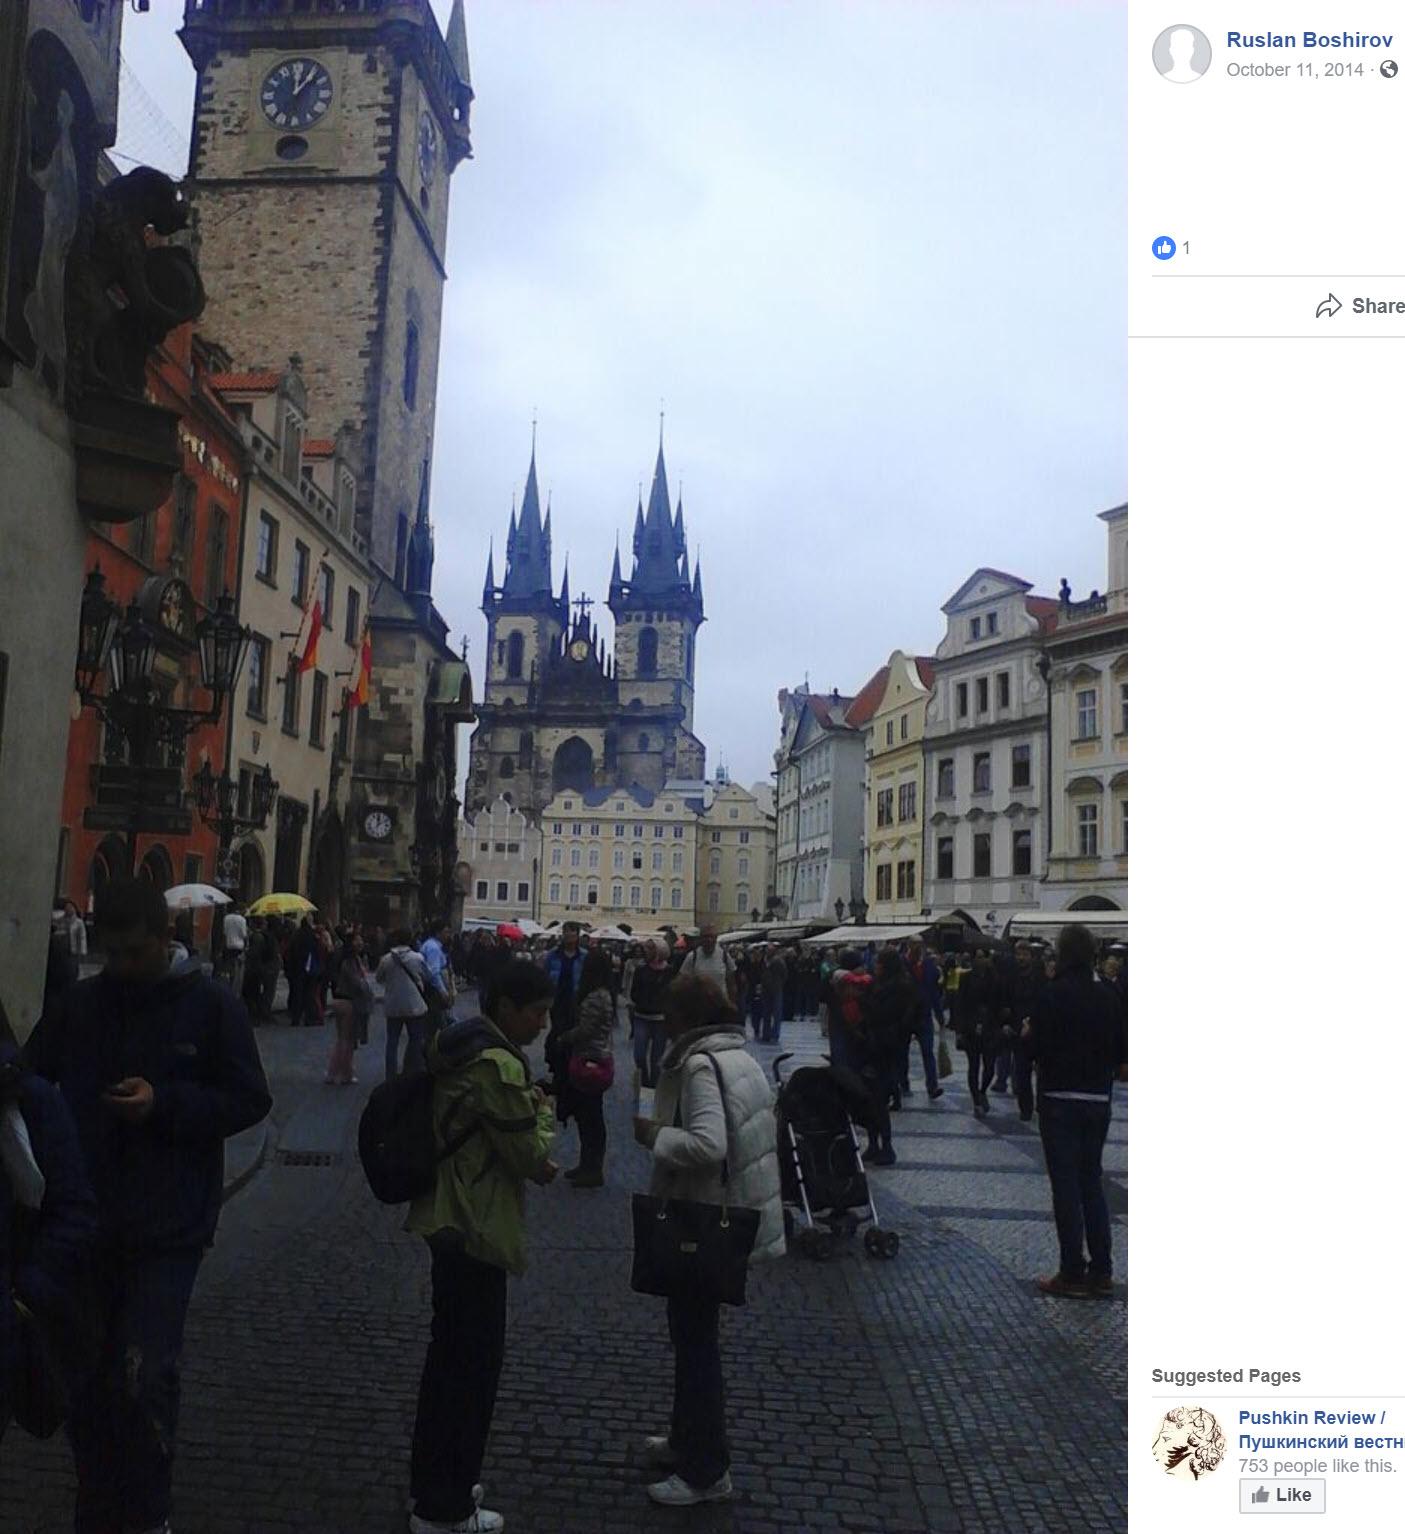 Дали, Уорхол, Боширов: когда именно подозреваемый в отравлении Скрипалей Чепига  мог сделать снимок в Праге?